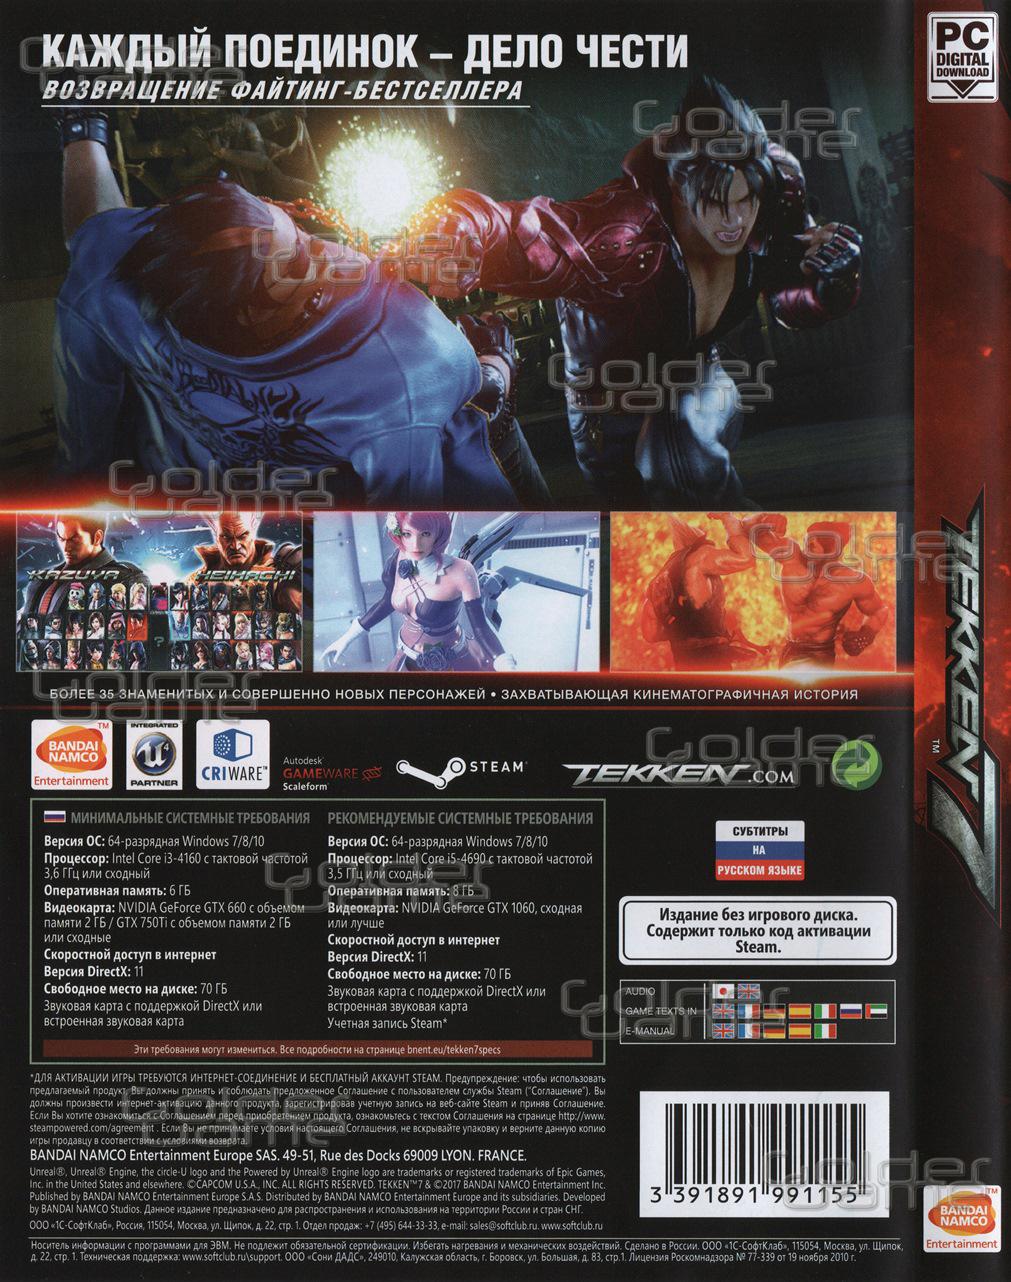 Tekken 7 download license key | Download licence key of